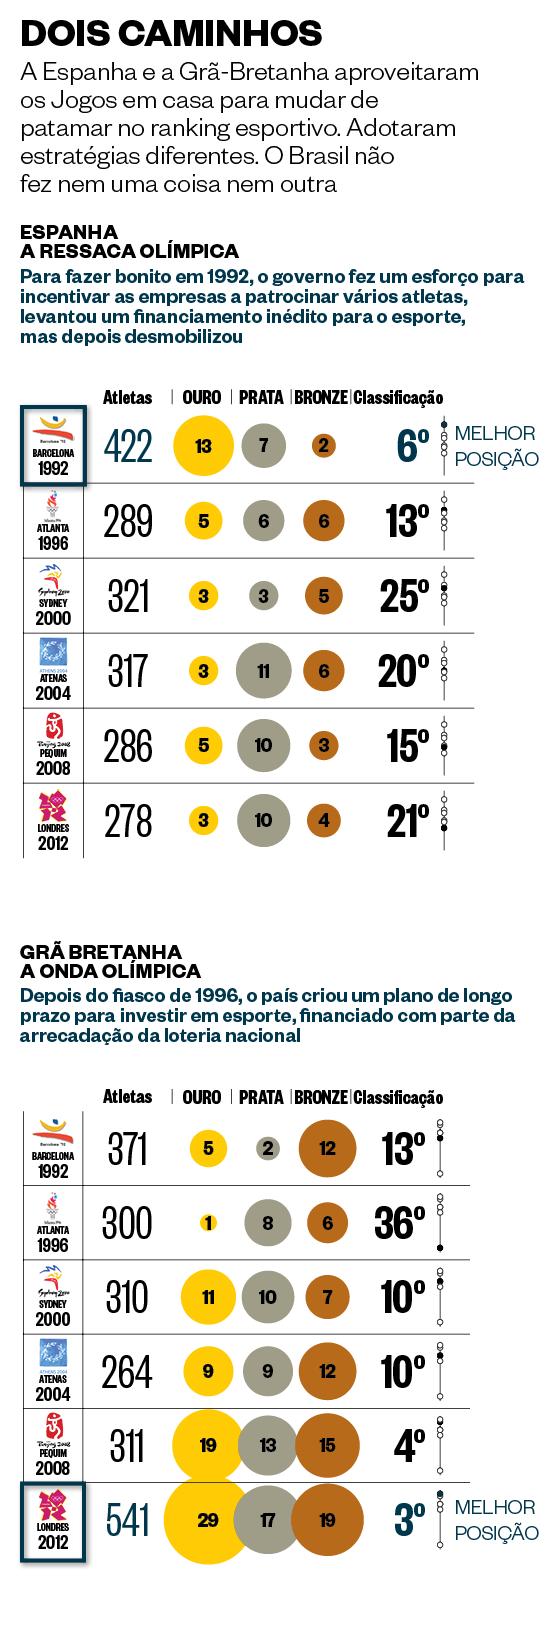 DOIS CAMINHOS A Espanha e a Grã-Bretanha aproveitaram os Jogos em casa para mudar de patamar no ranking esportivo. Adotaram estratégias diferentes. O Brasil não fez nem uma coisa nem outra (Foto: ÉPOCA)